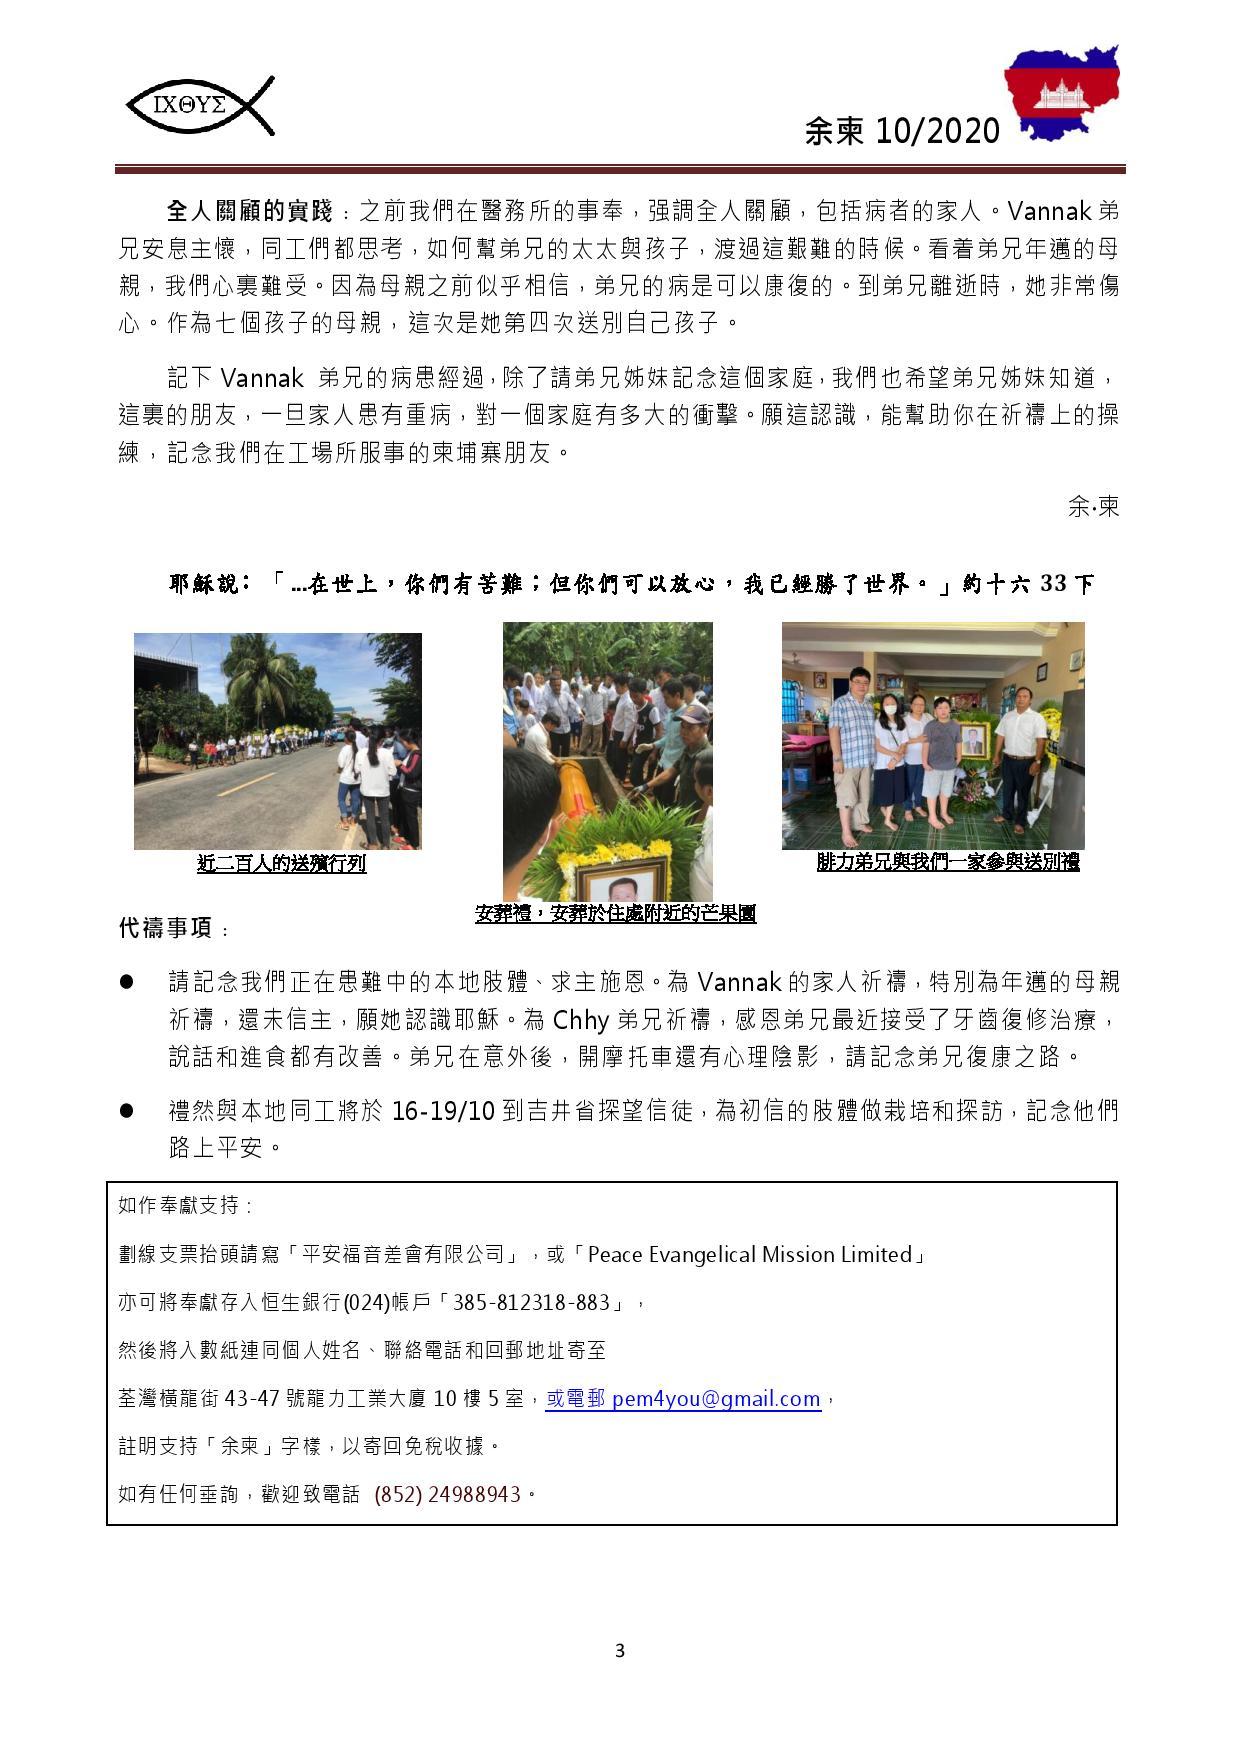 202010余柬代禱信-page-003